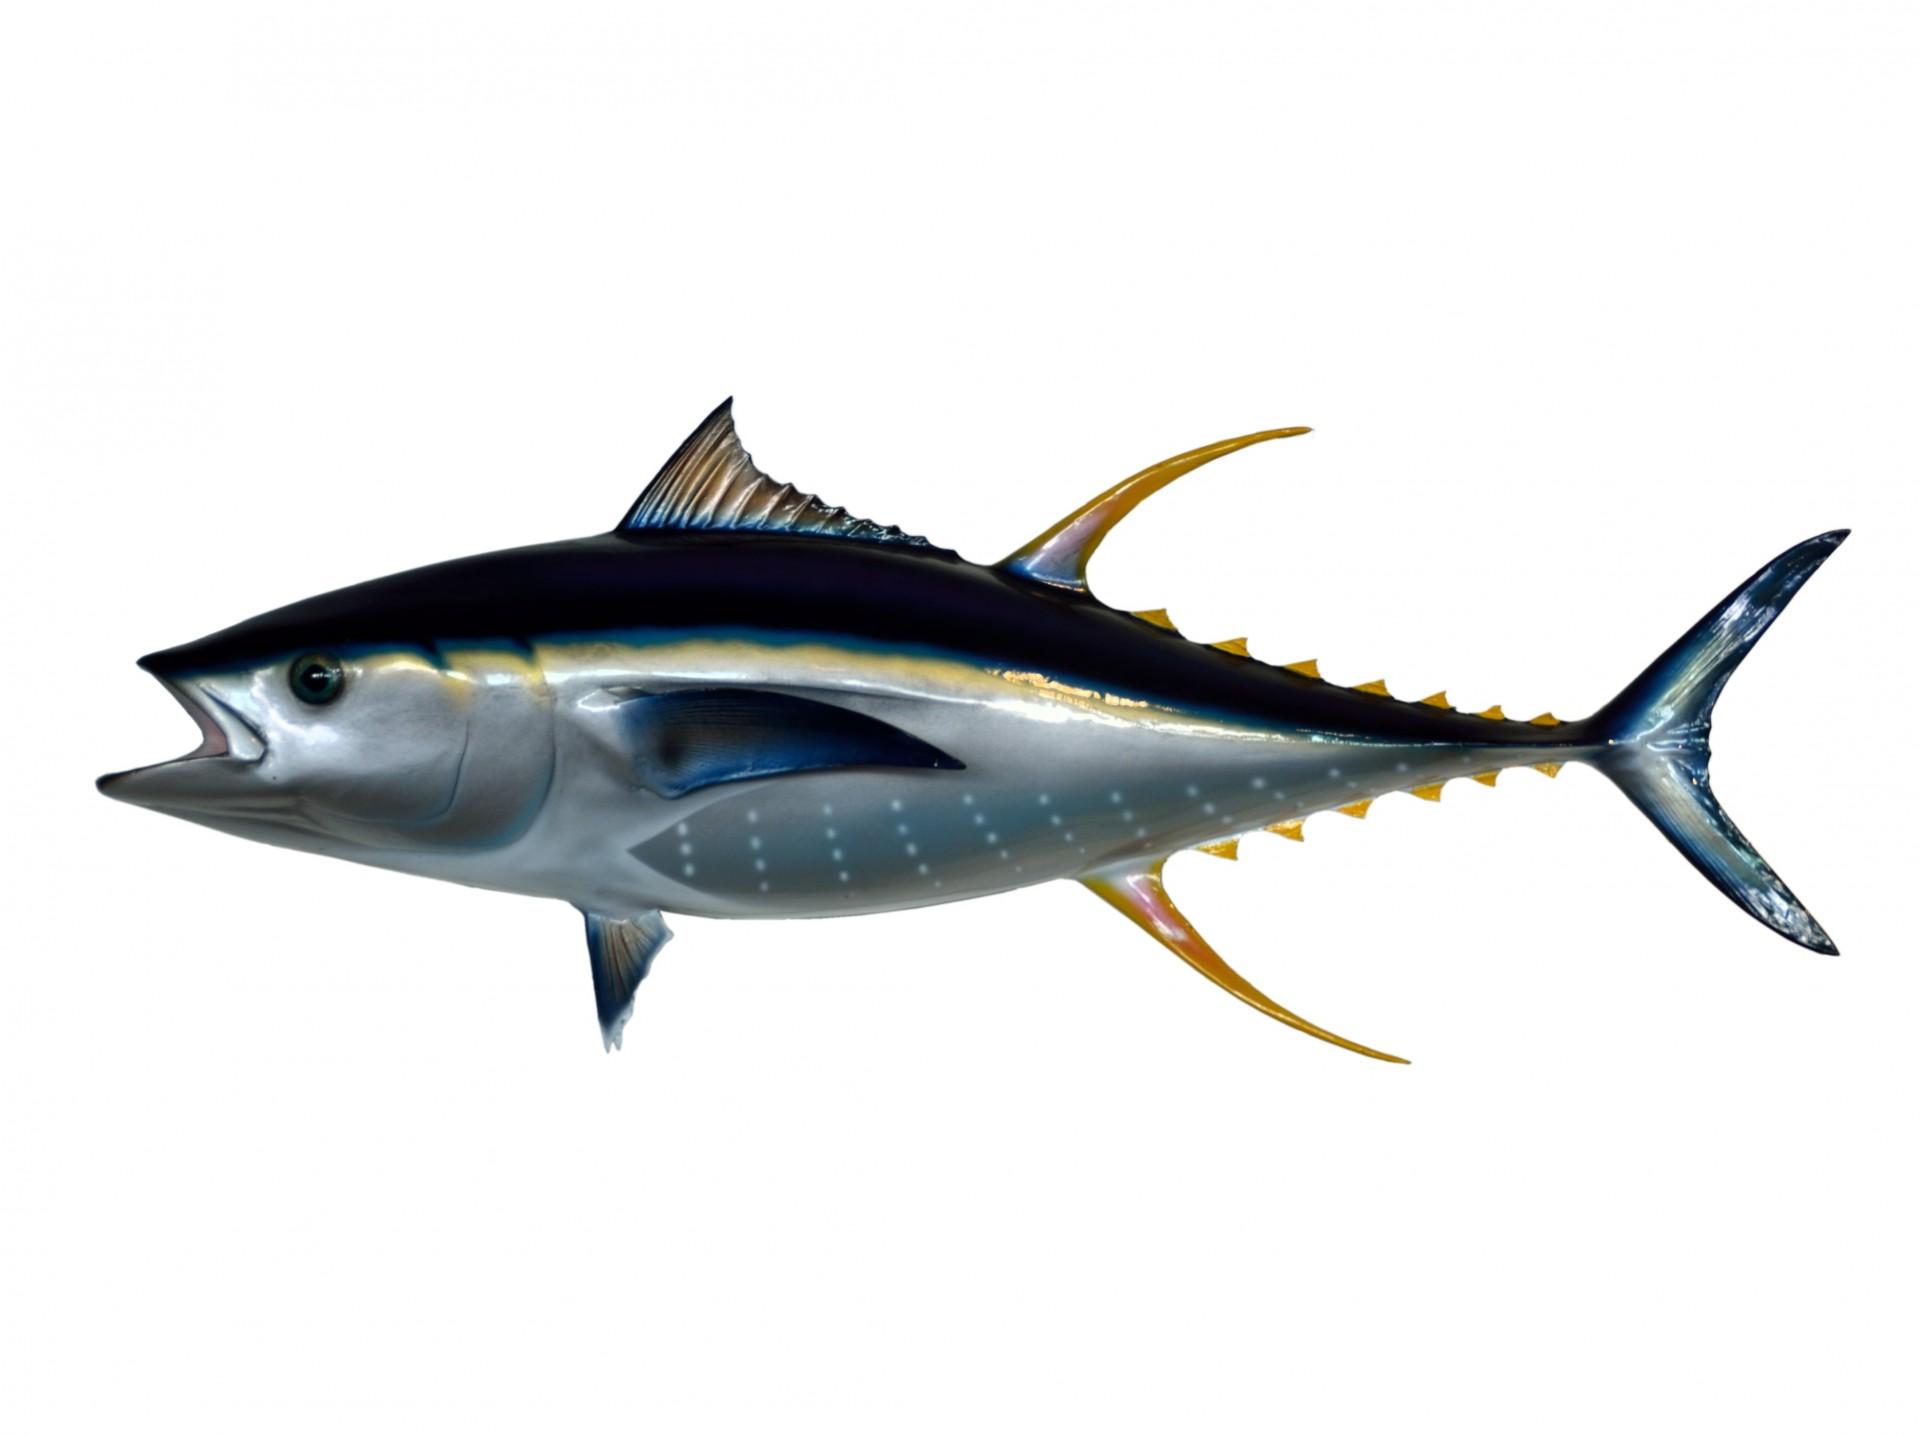 Tuna clipart Art Photo Tuna Yellowfin Tuna